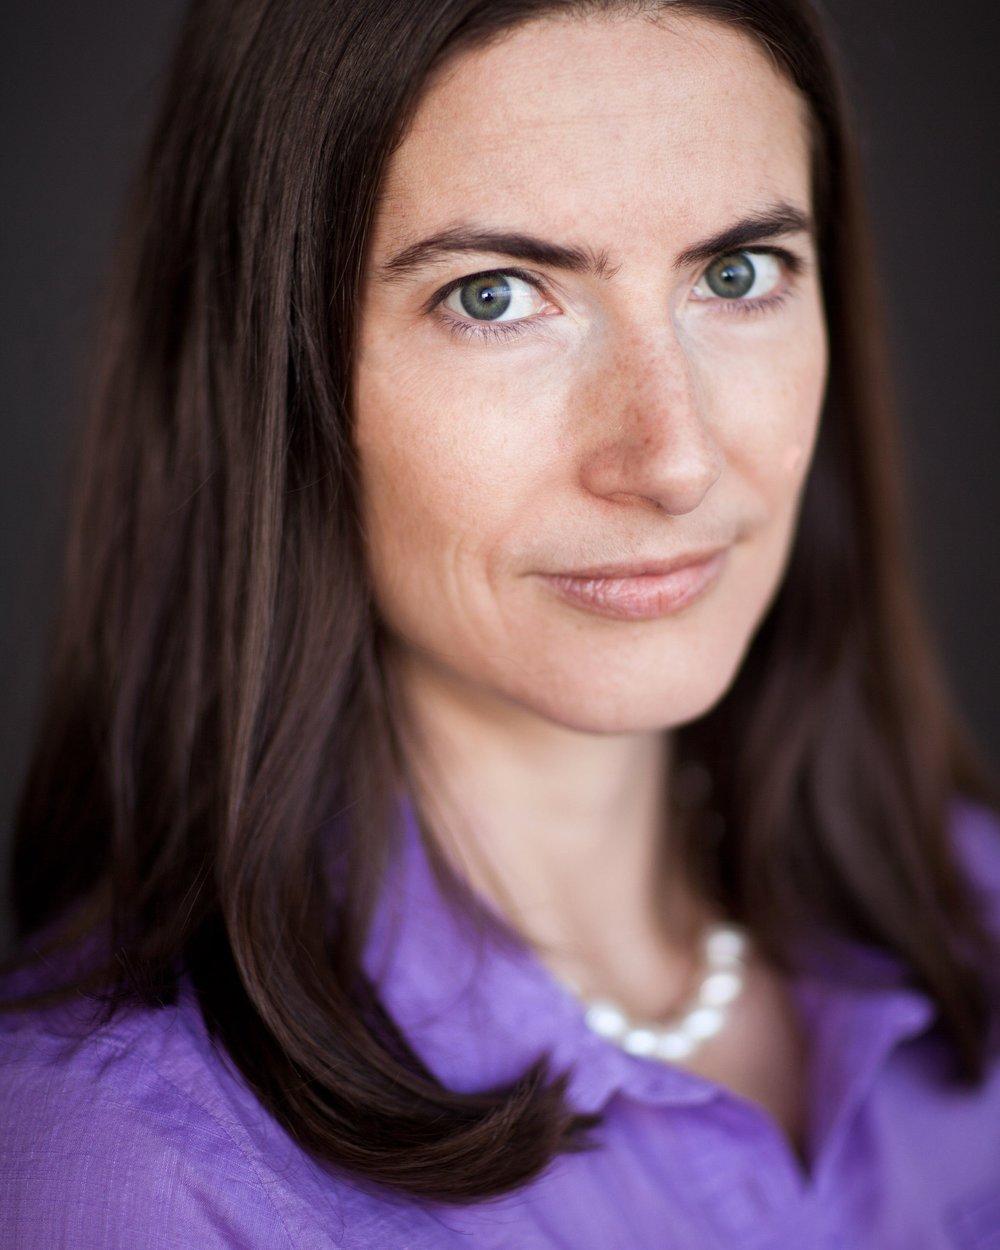 Rachel Pritzker Headshot.jpg